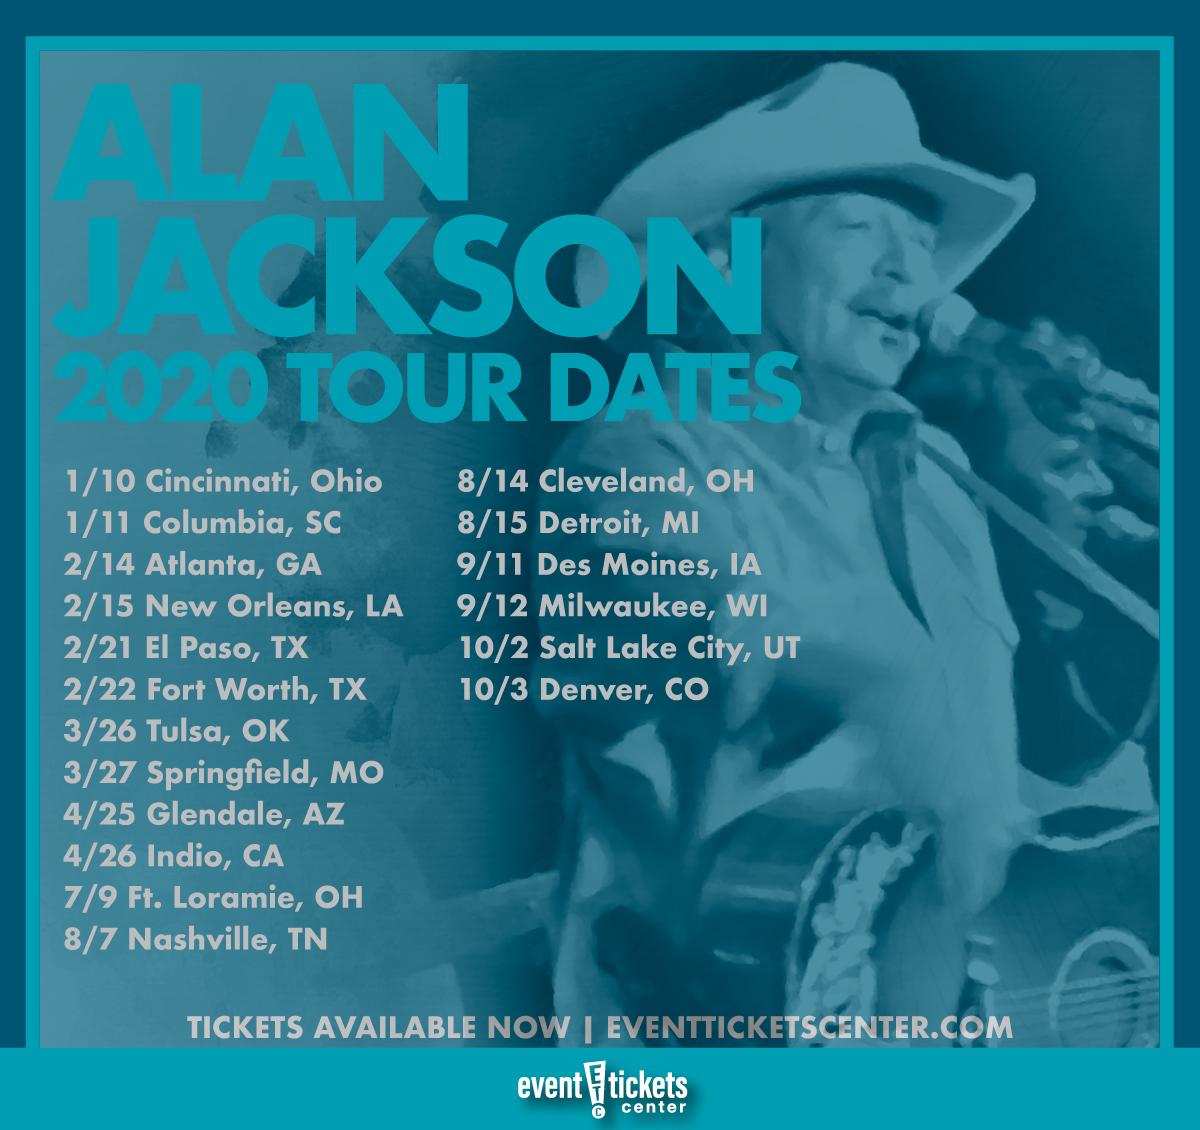 Alan Jackson Tour 2020.Alan Jackson Announces 2020 Tour Dates